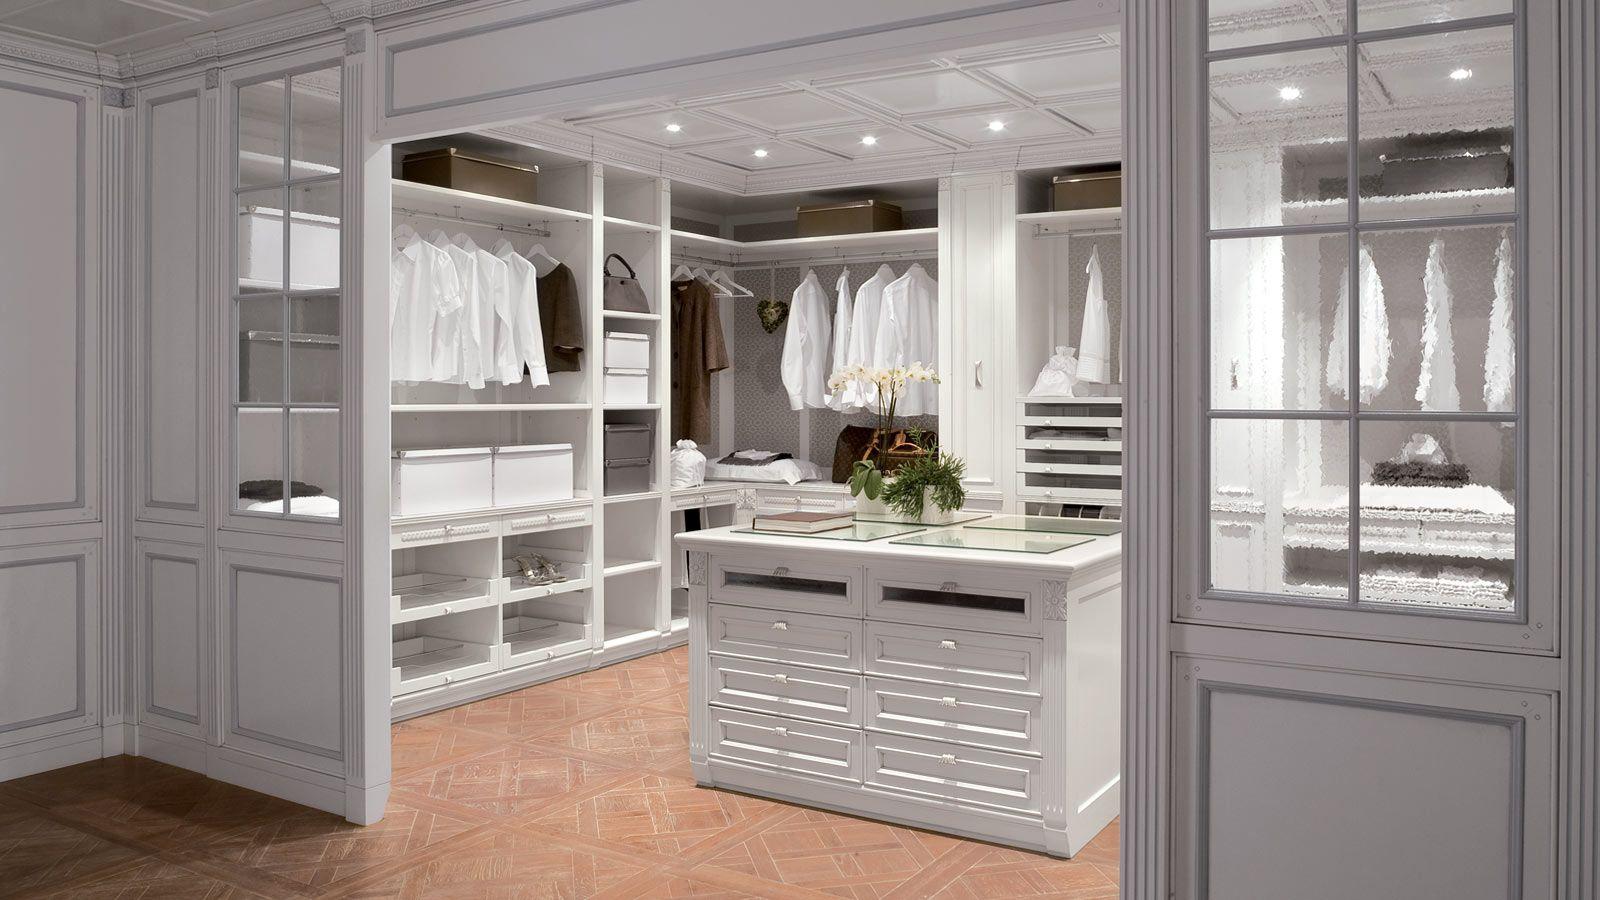 Ankleidezimmer ankleidezimmer pinterest kleiderschrank schrank und begehbarer kleiderschrank - Begehbarer kleiderschrank design ...